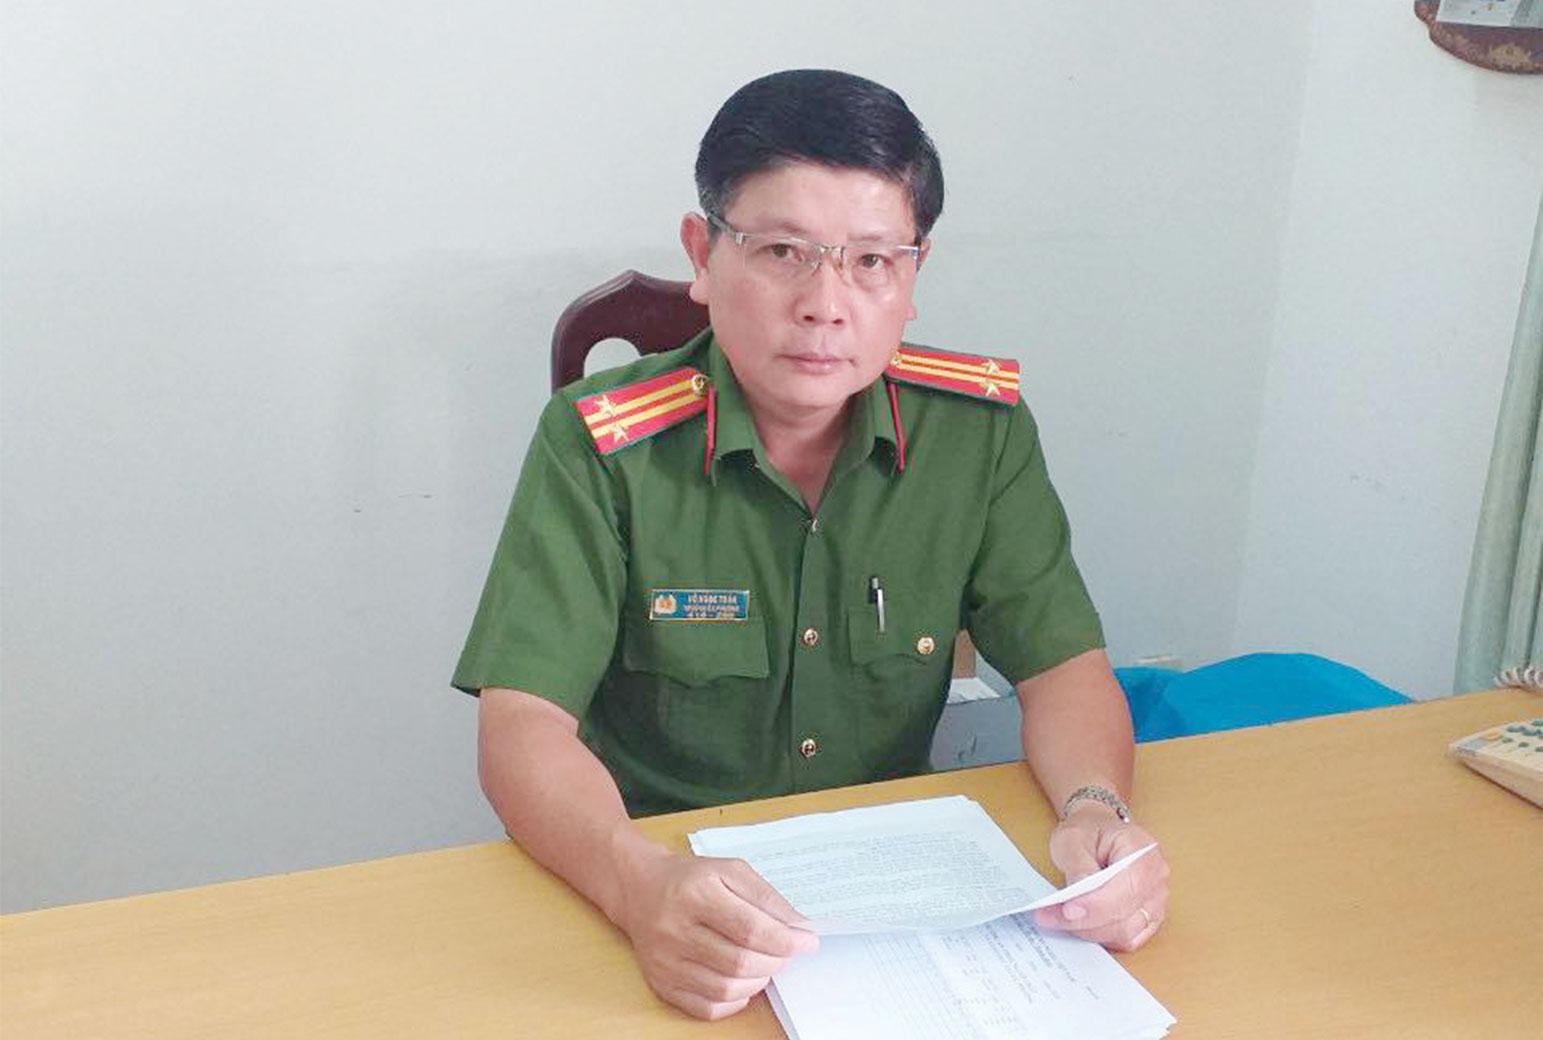 Trung tá Võ Ngọc Toàn - Trưởng Công an phường 2, điển hình tận tụy, gương mẫu trong xây dựng phong trào Toàn dân bảo vệ an ninh Tổ quốc